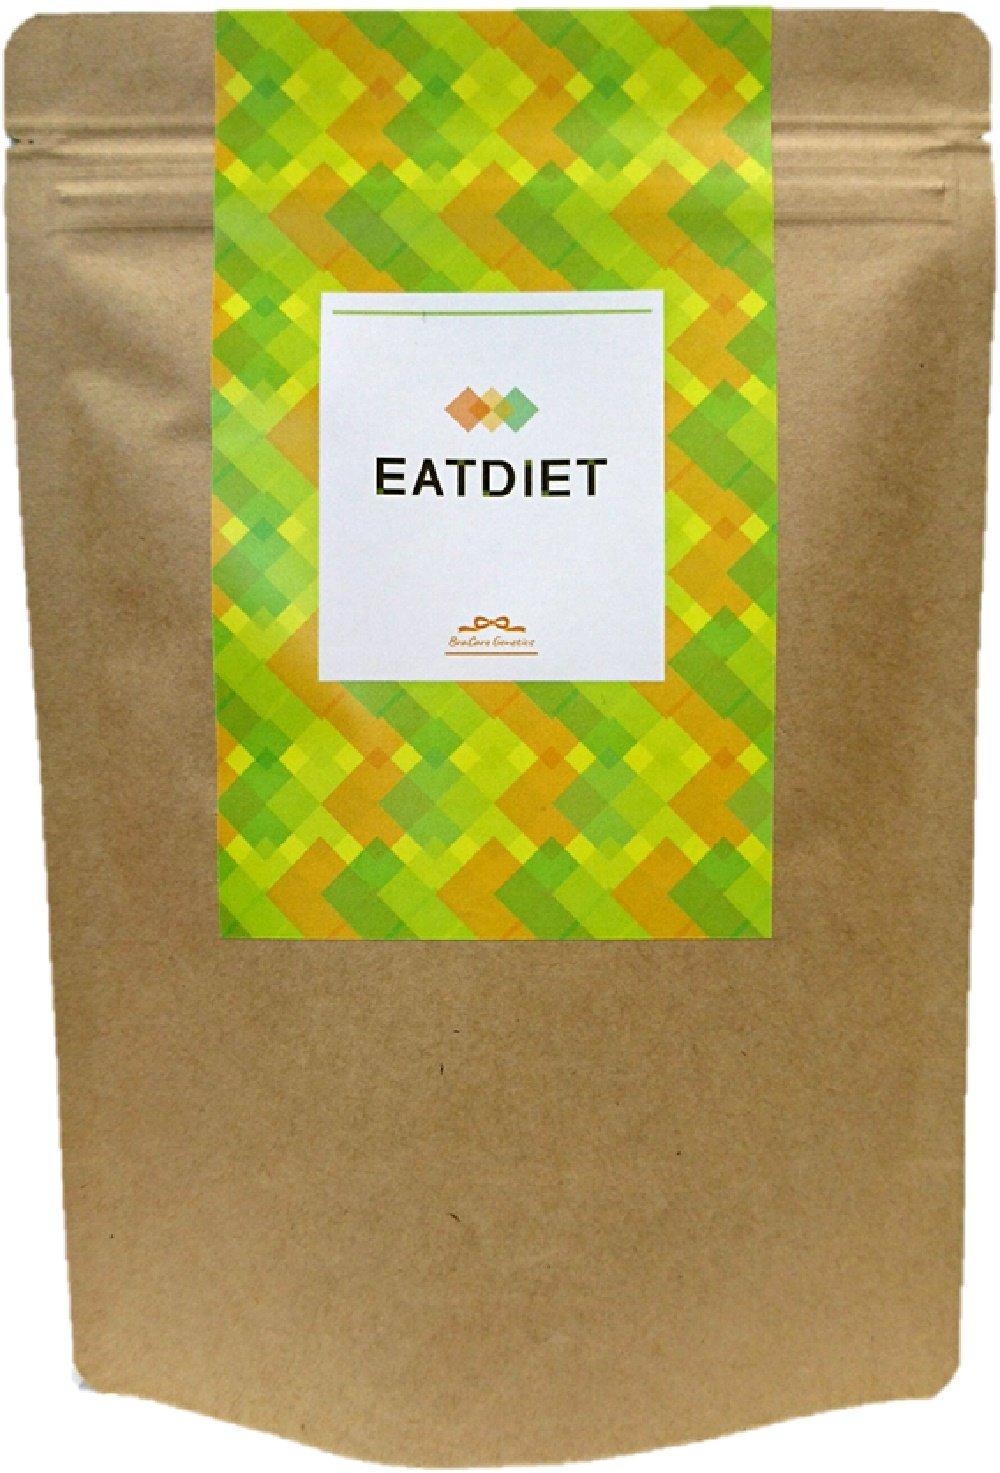 食事の体質検査キット EATDIET(イートダイエット) B077LGRNQW